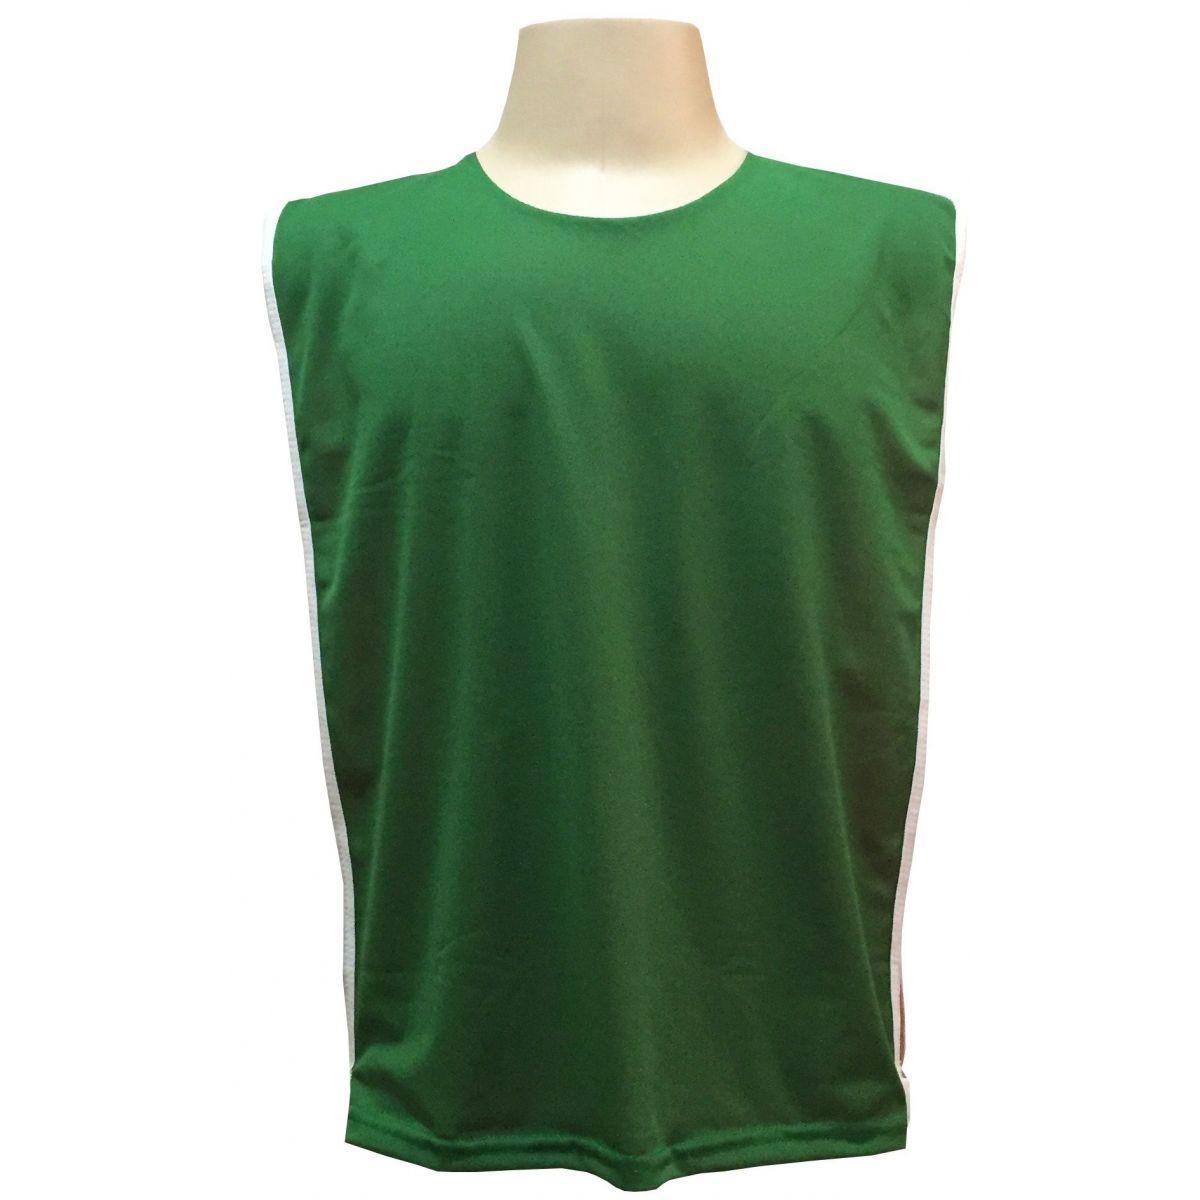 71ad67b4f94b1 Jogo de Coletes Dupla Face 10 Unidades na cor Verde Vermelho - Rocha  Esportes Uniformes ...